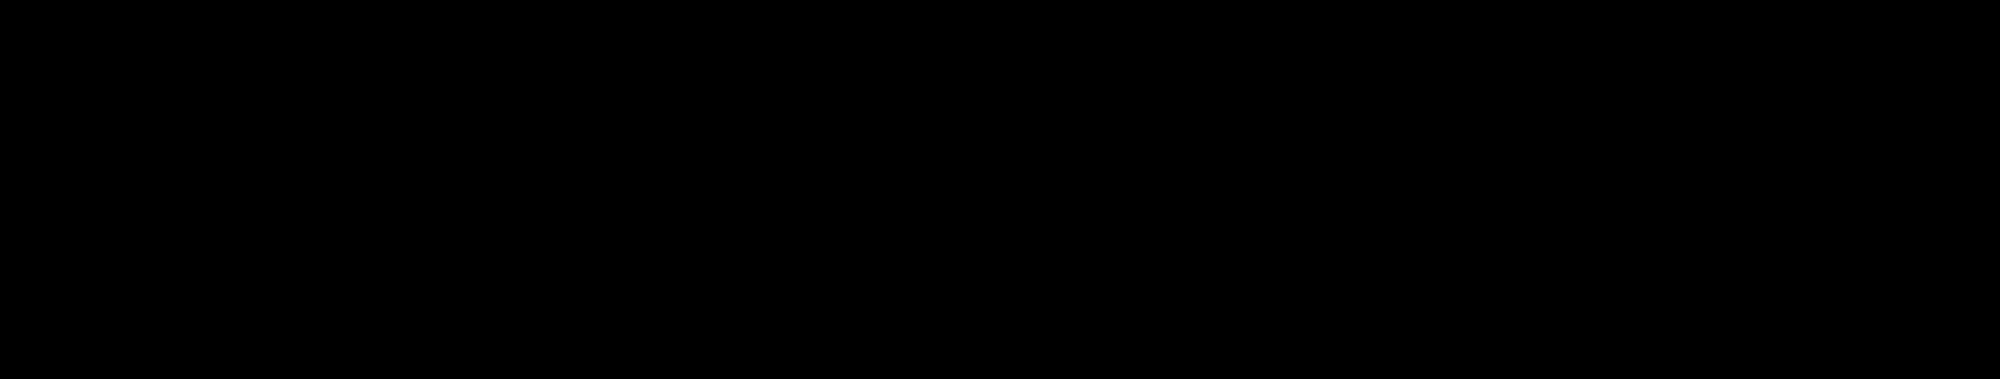 Gaskessel